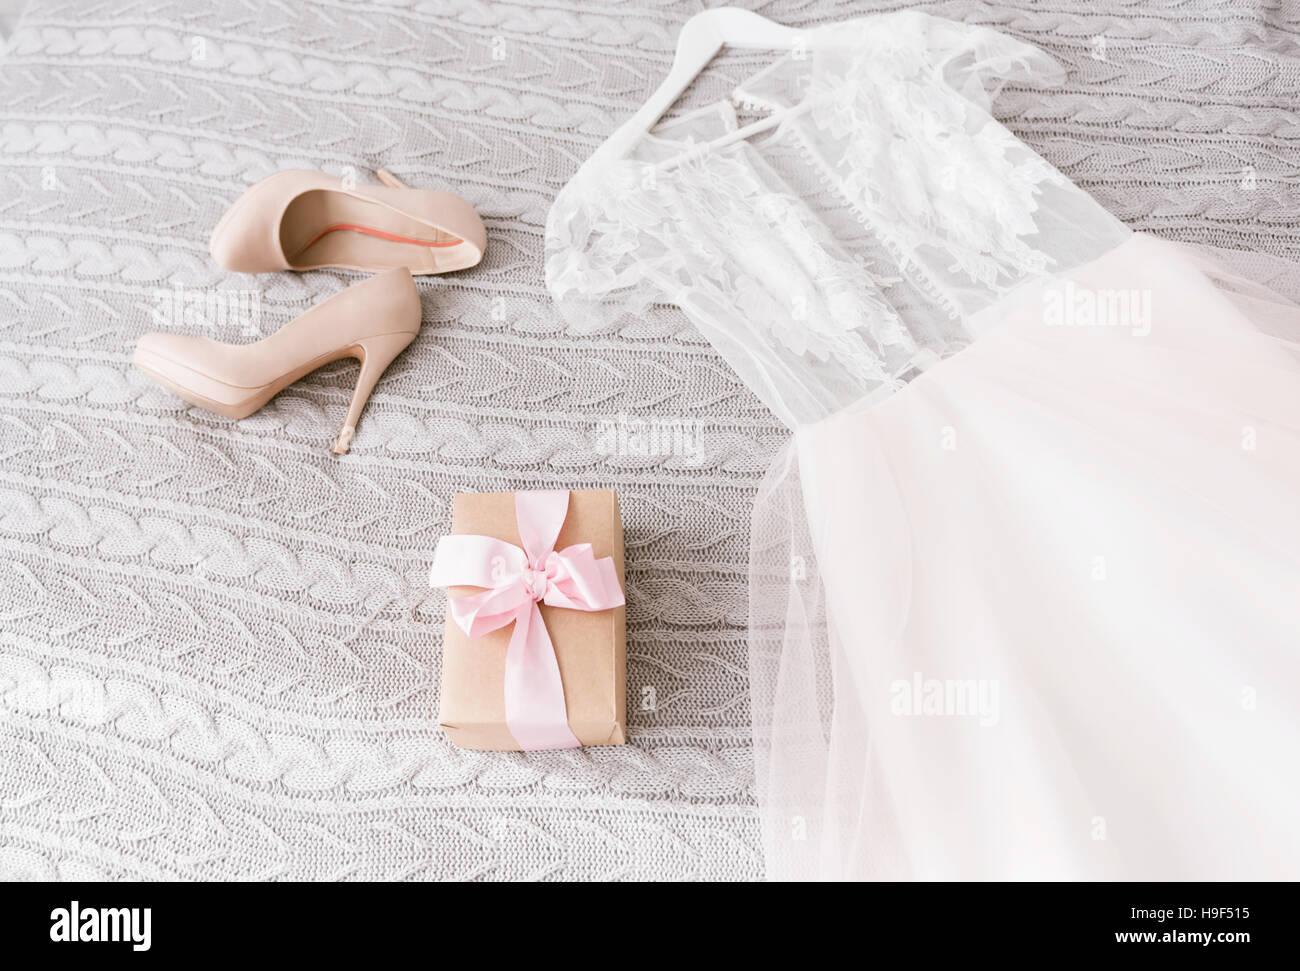 Weiße Hochzeitskleid und Schuhe auf dem Bett liegend Stockfoto, Bild ...